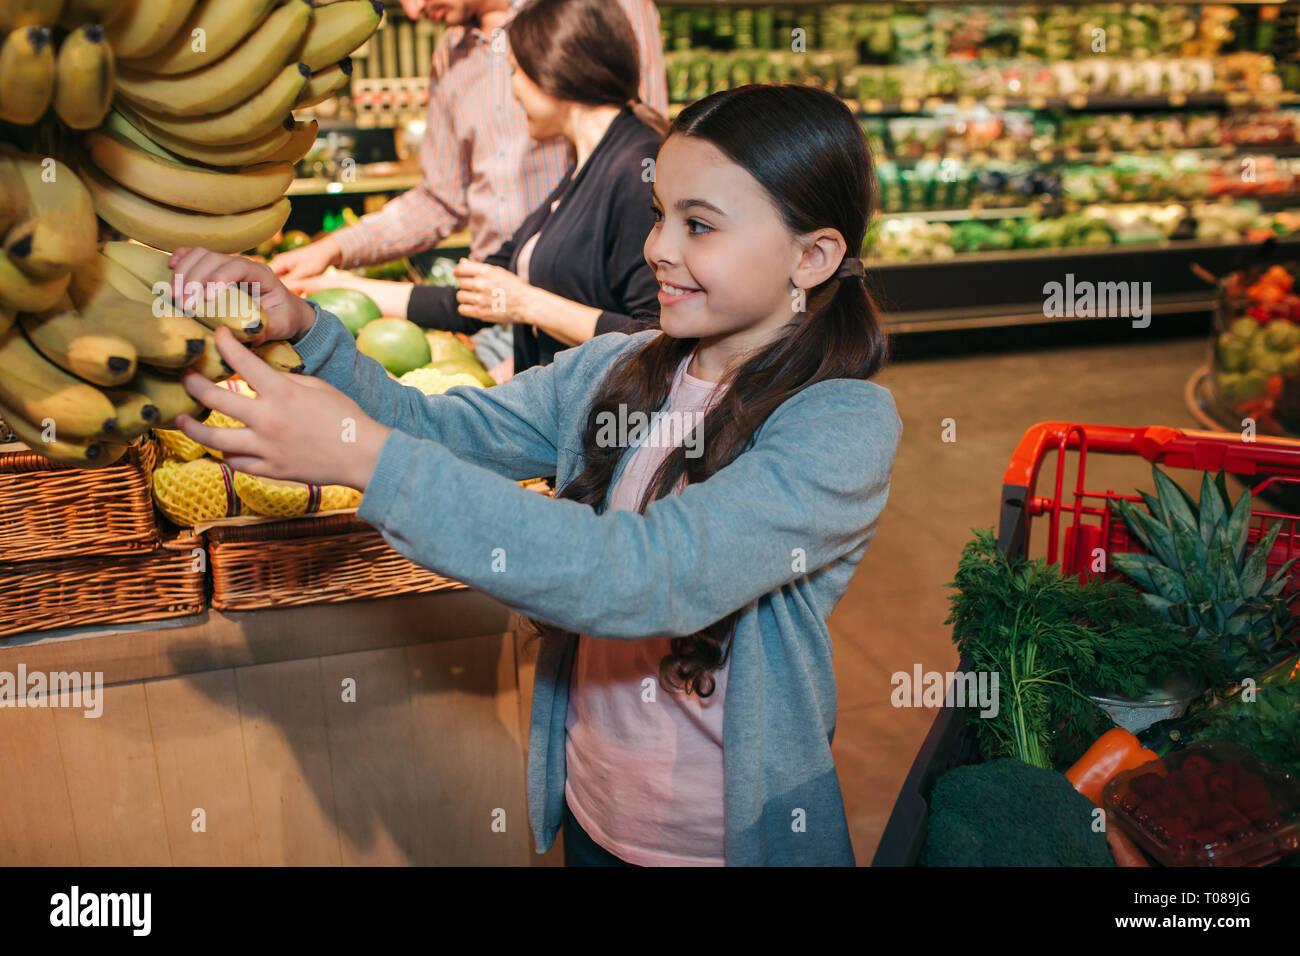 banan supermarked dating